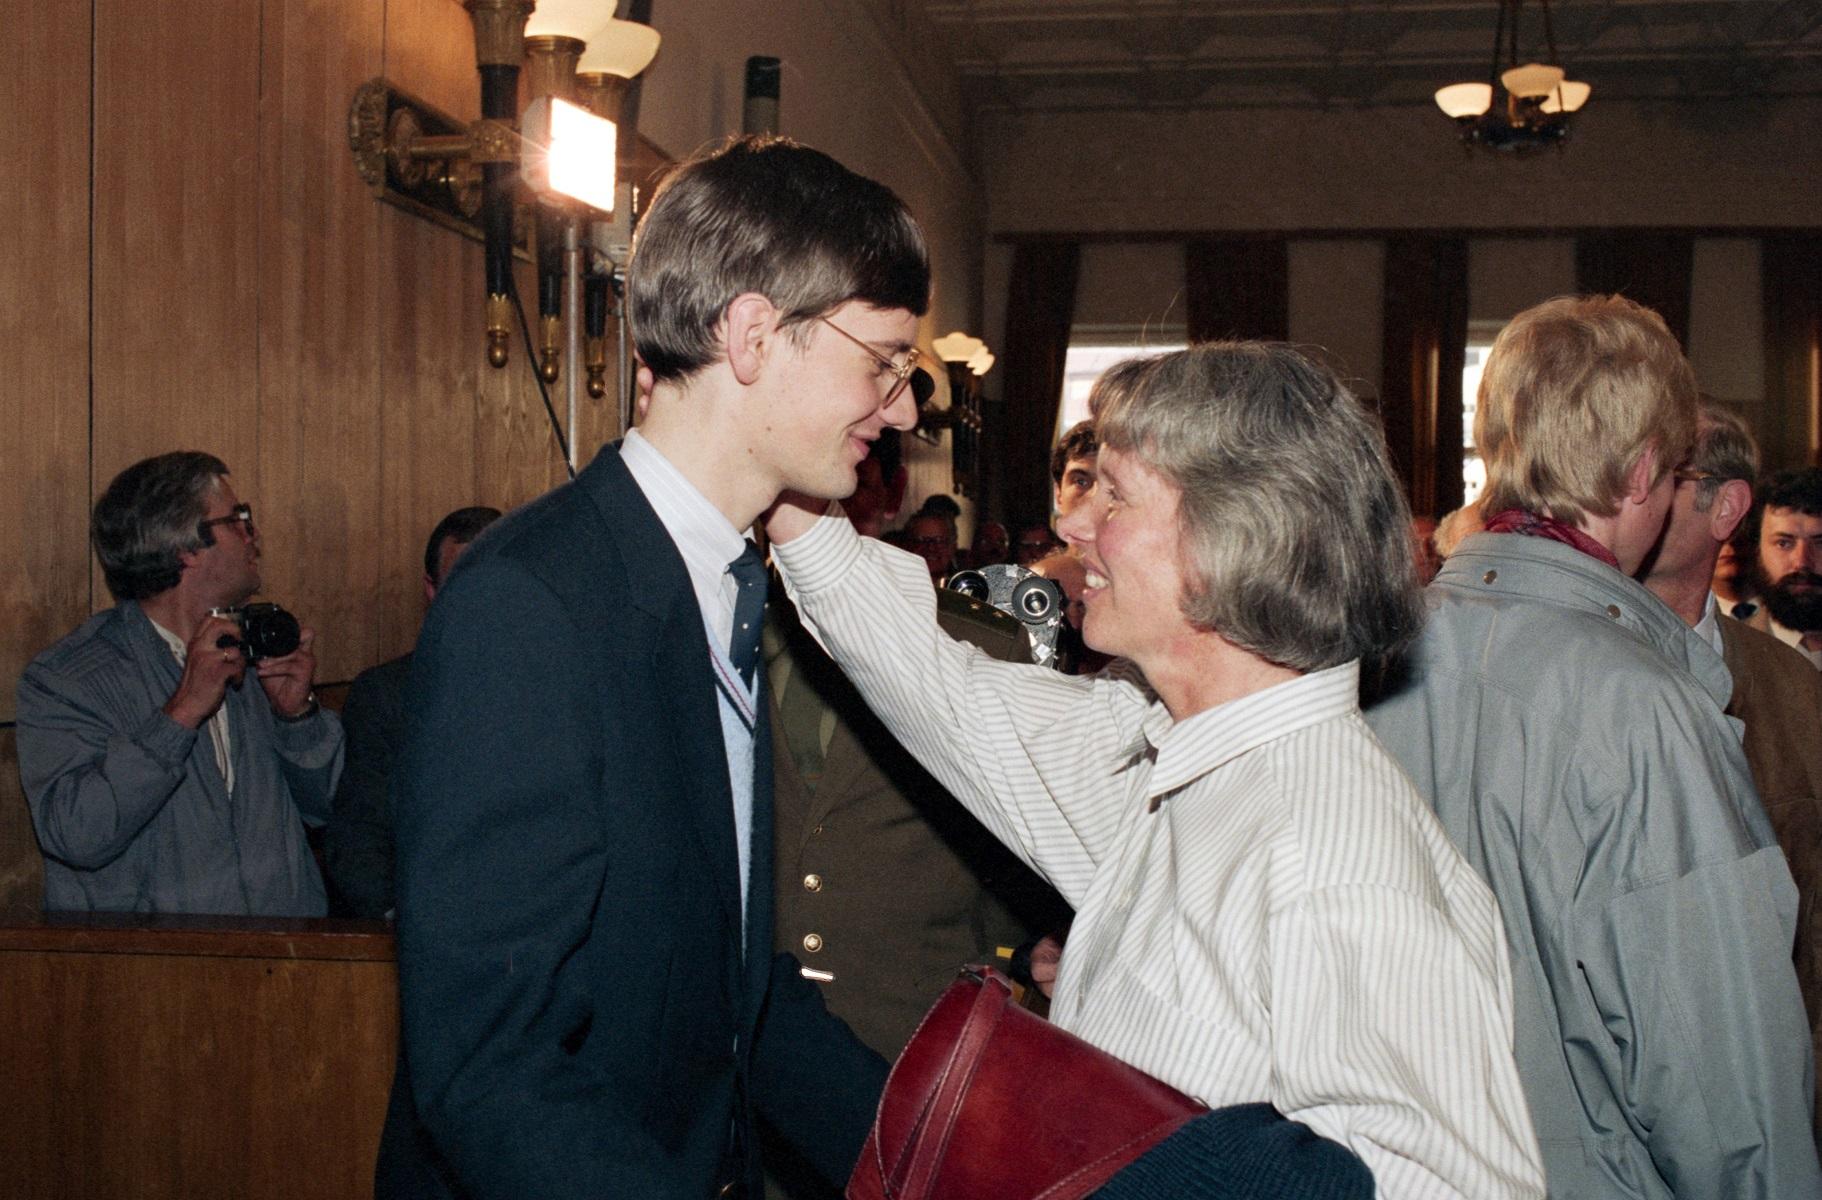 Матиас Руст с матерью в зале суда после вынесения приговора, Москва, 4 сентября 1987 года